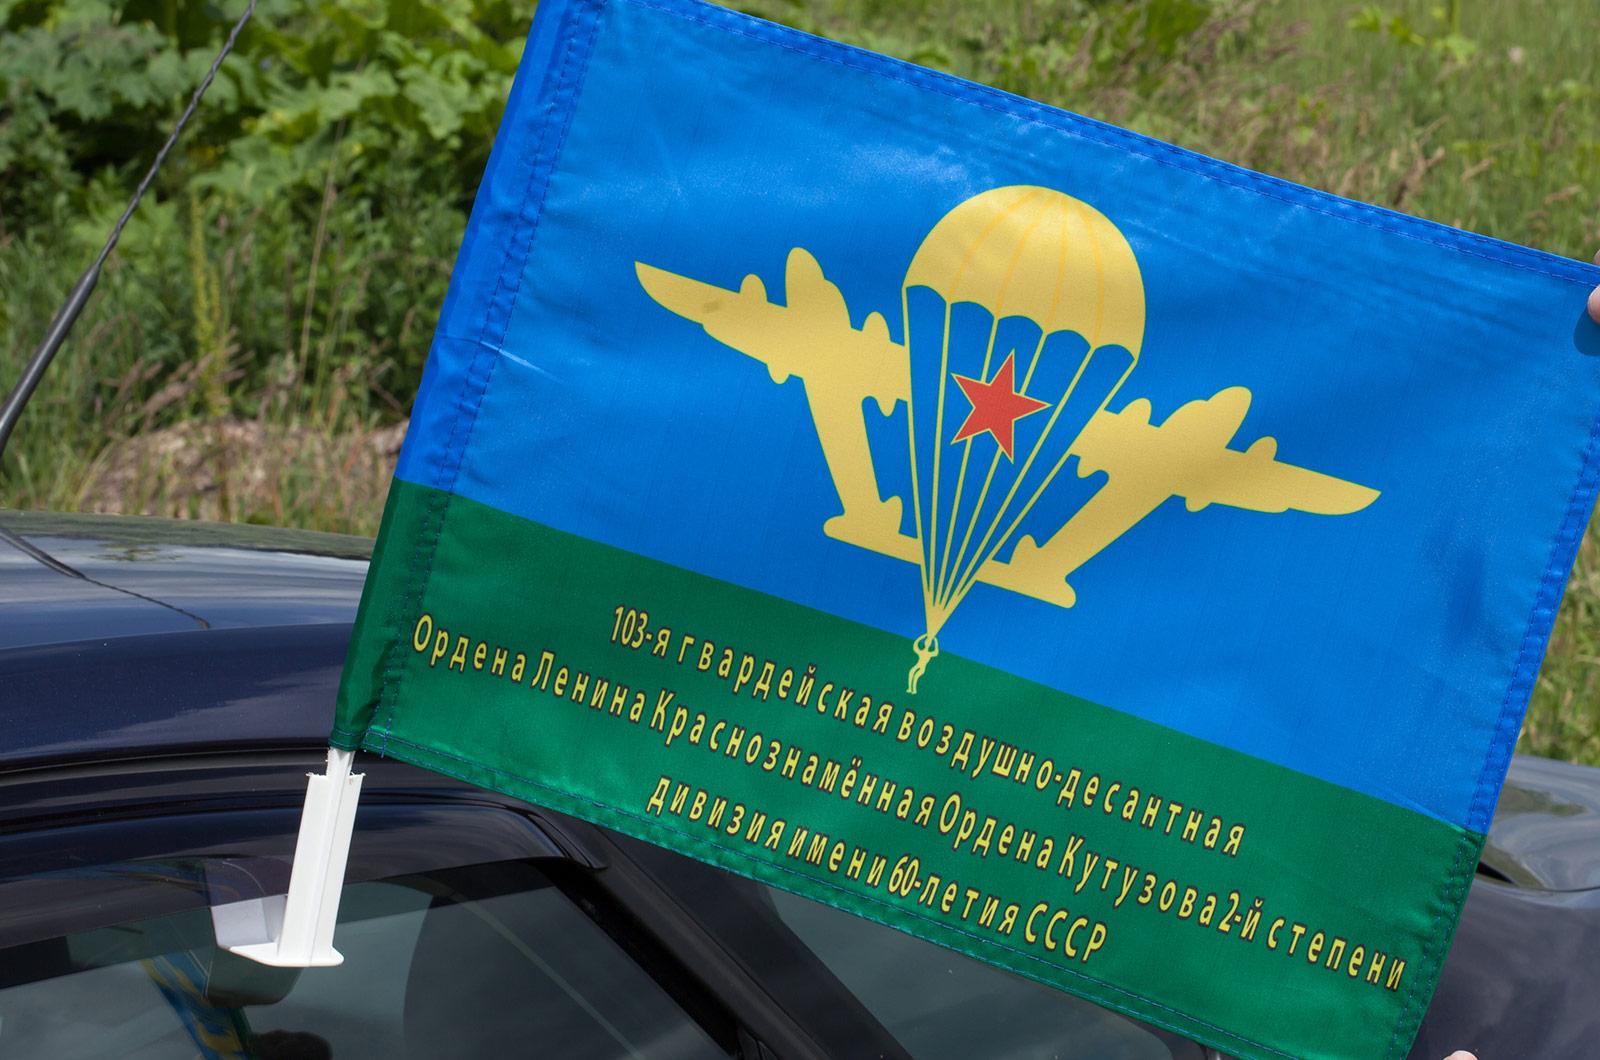 Флаг на машину с кронштейном 103 гв. ВДД ВДВ, купить флаги ВДВ